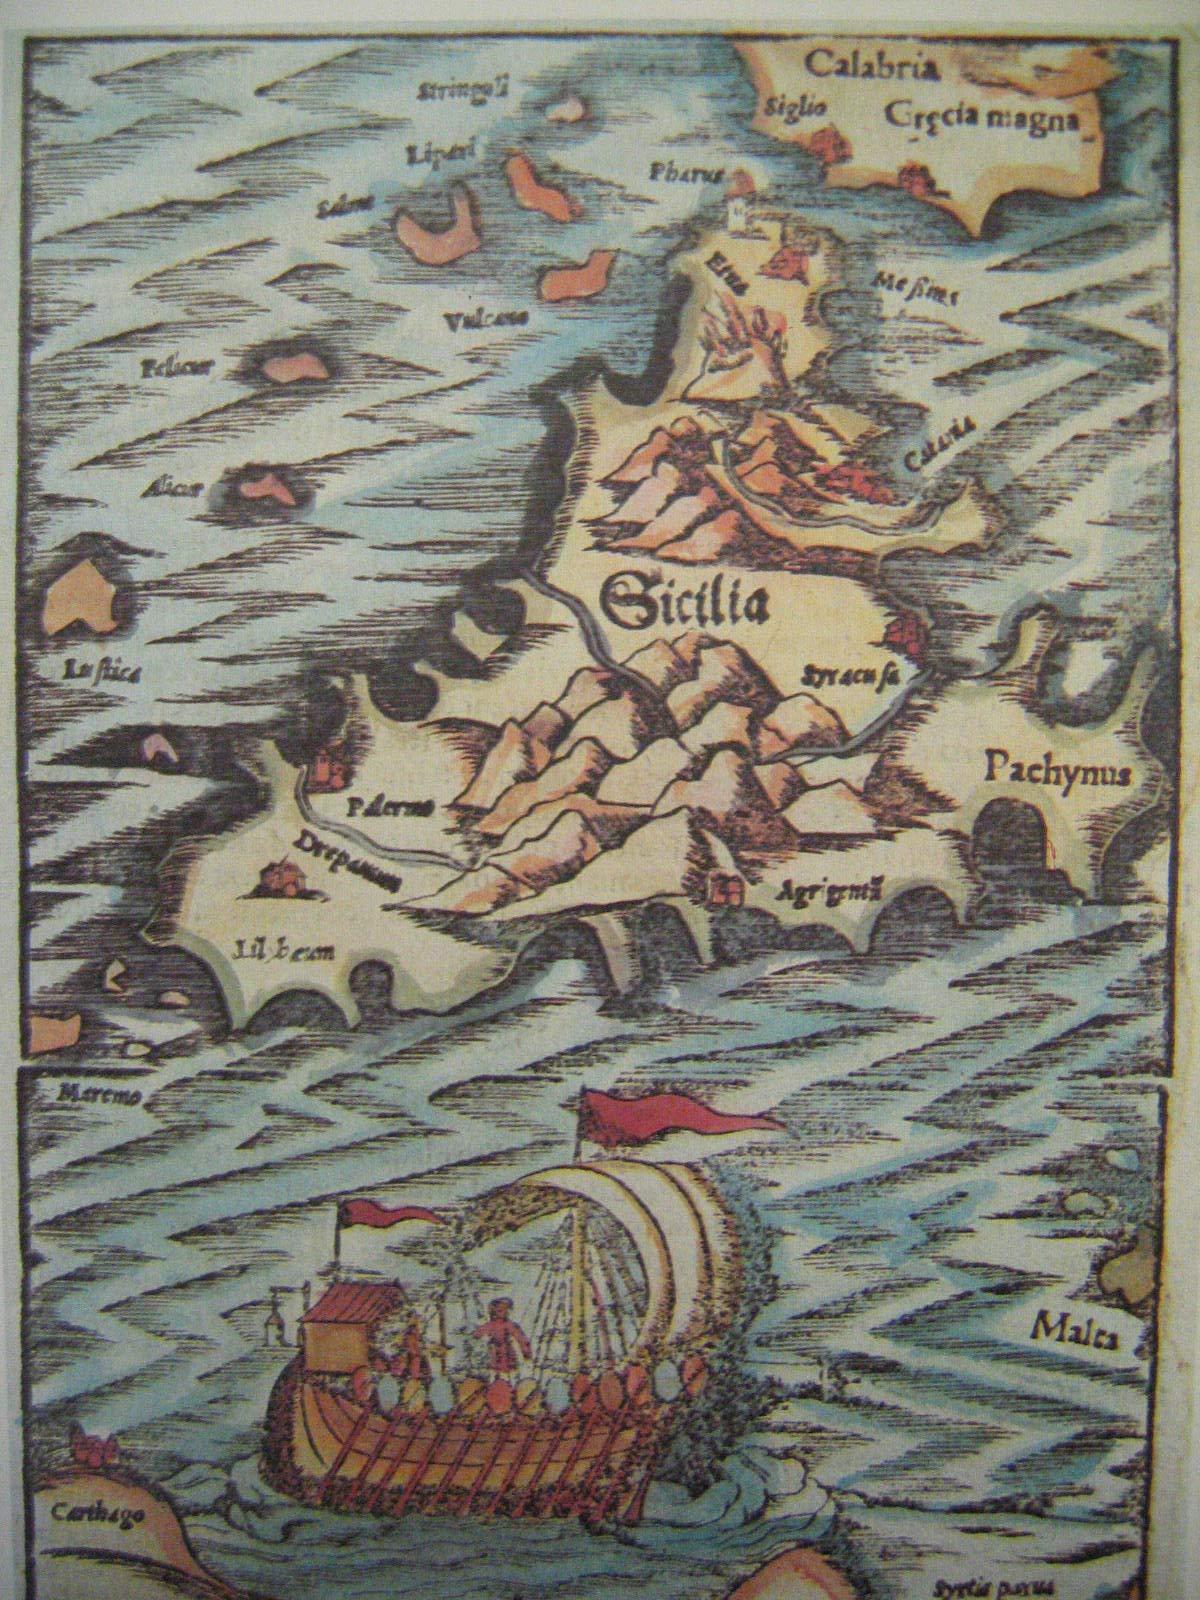 Cartina Sicilia Antica.Mappa Sicilia Antica Reprint 1540 Tolomeo Claudio Tolomeo Libri Amazon It